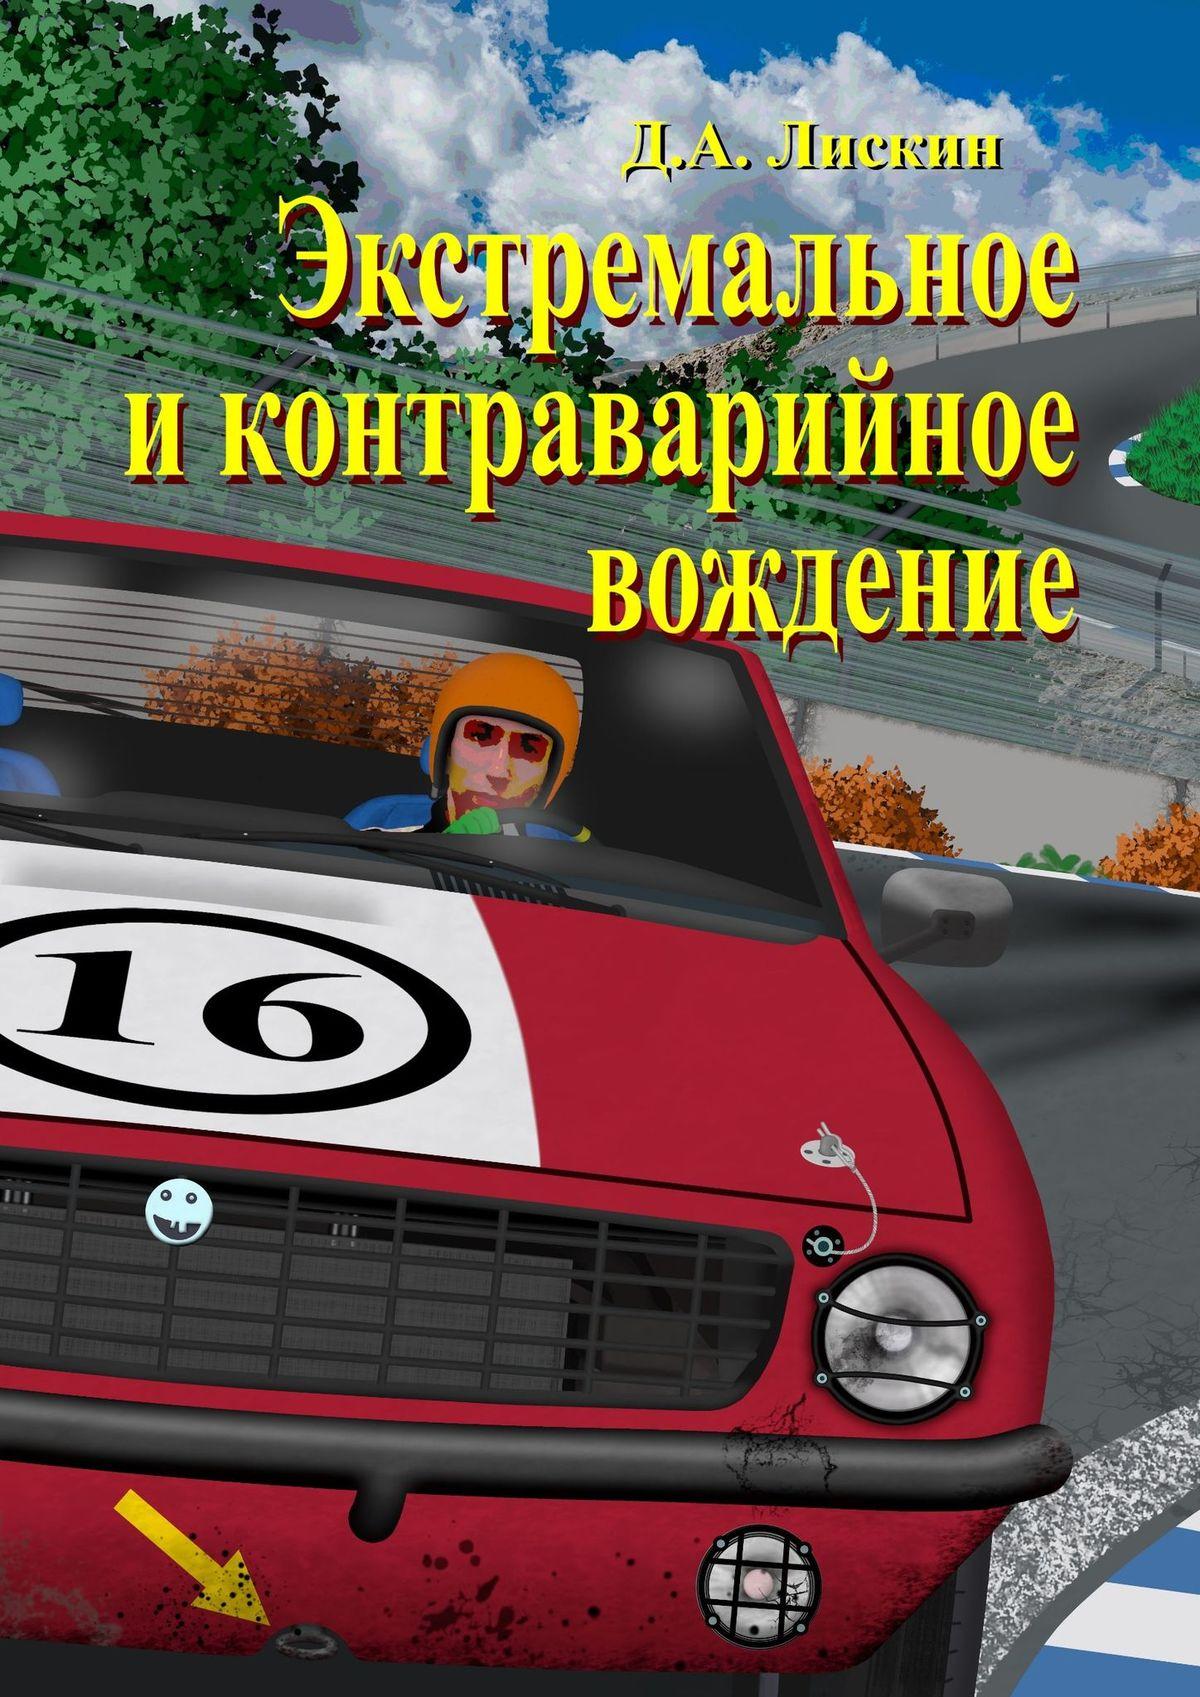 Экстремальное иконтраварийное вождение. 2-е дополненное издание